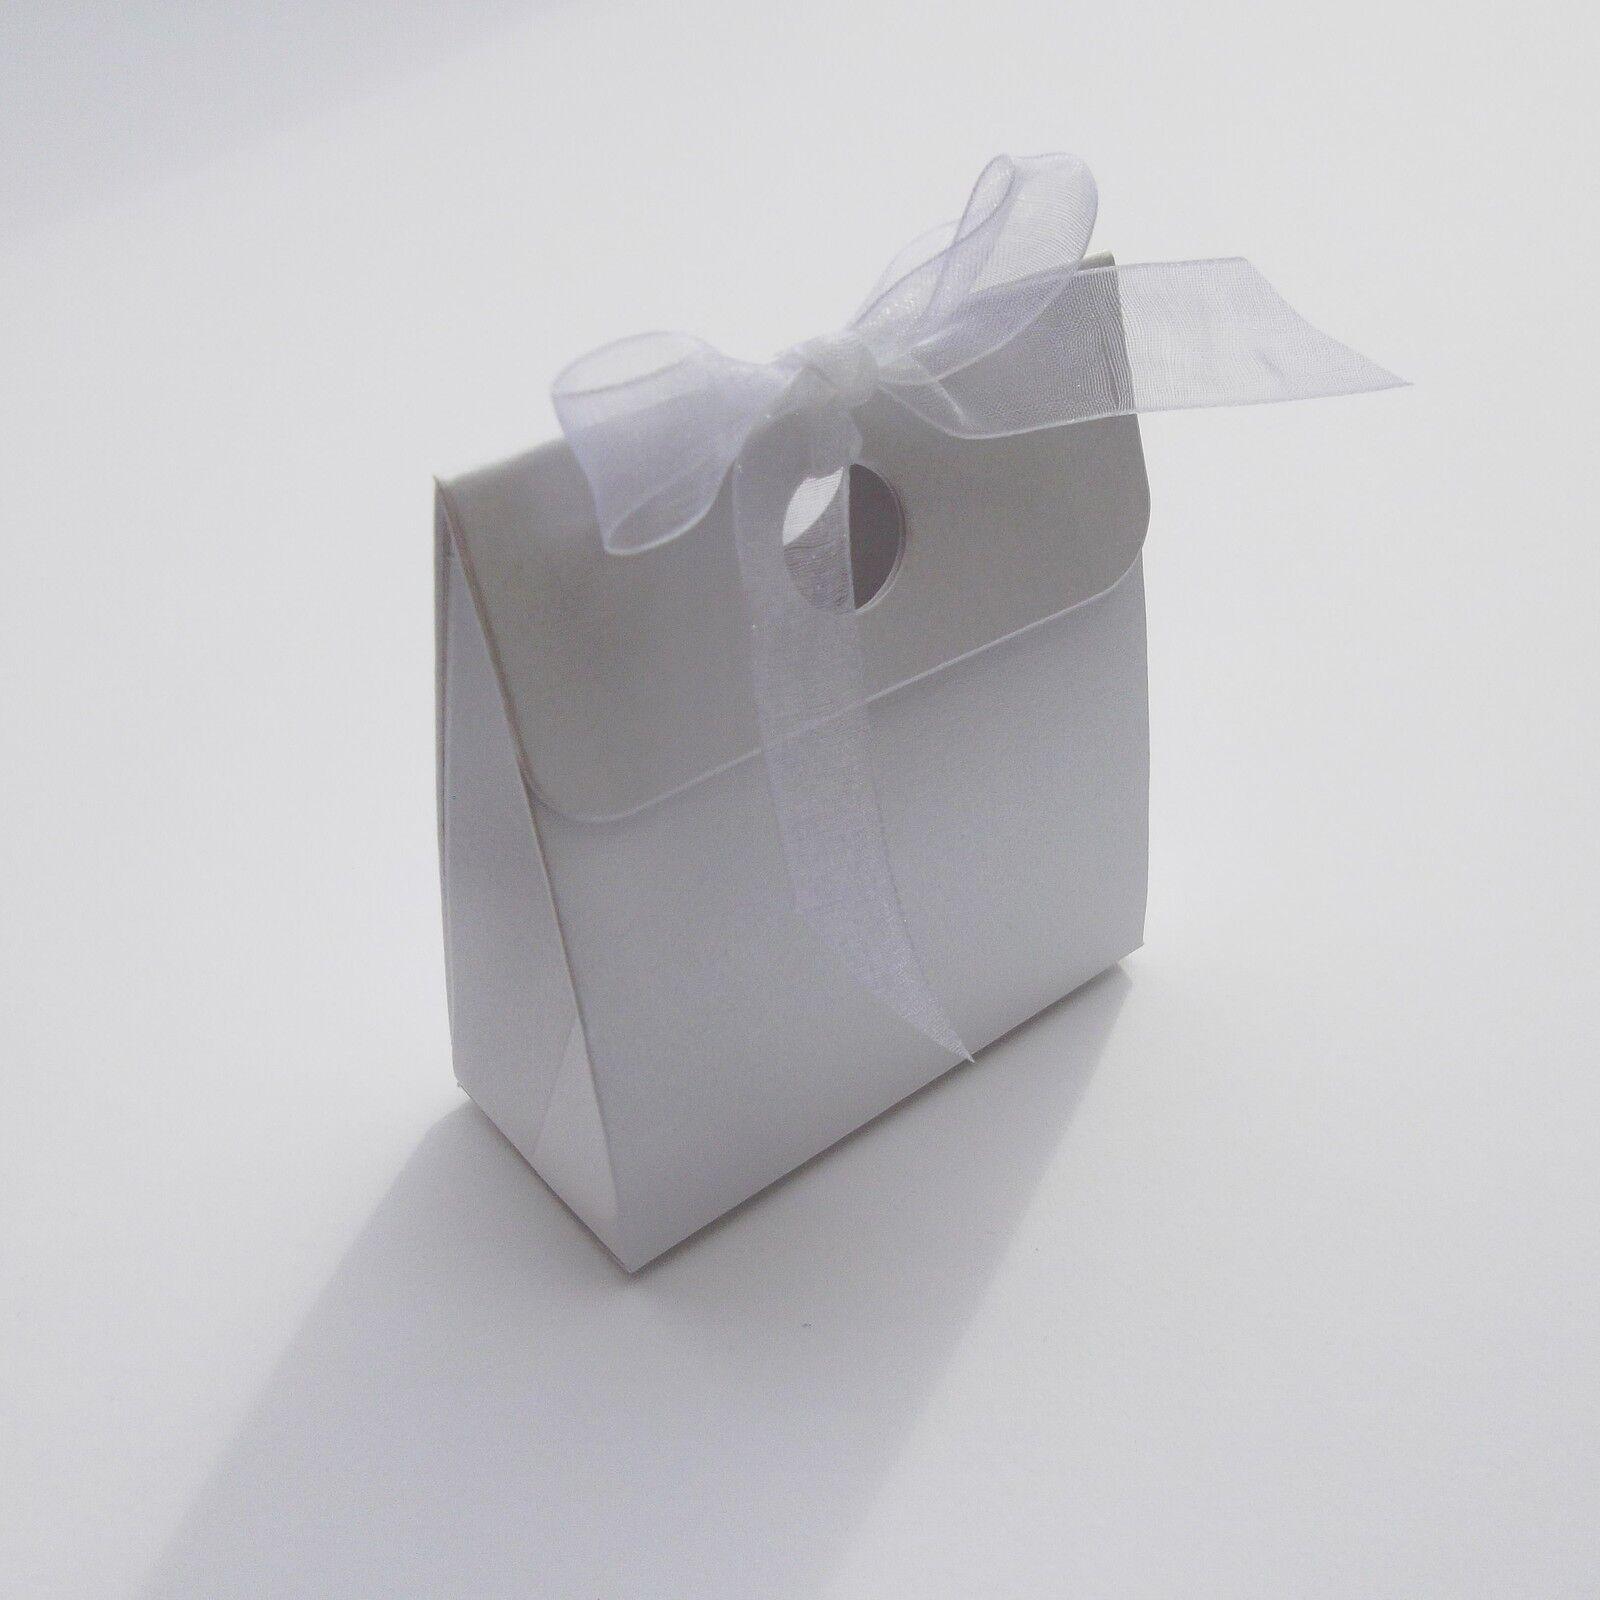 Pearl Blanc    box sac faveur nuptiale cases-choisir Qté-No l, anniversaires f2779d